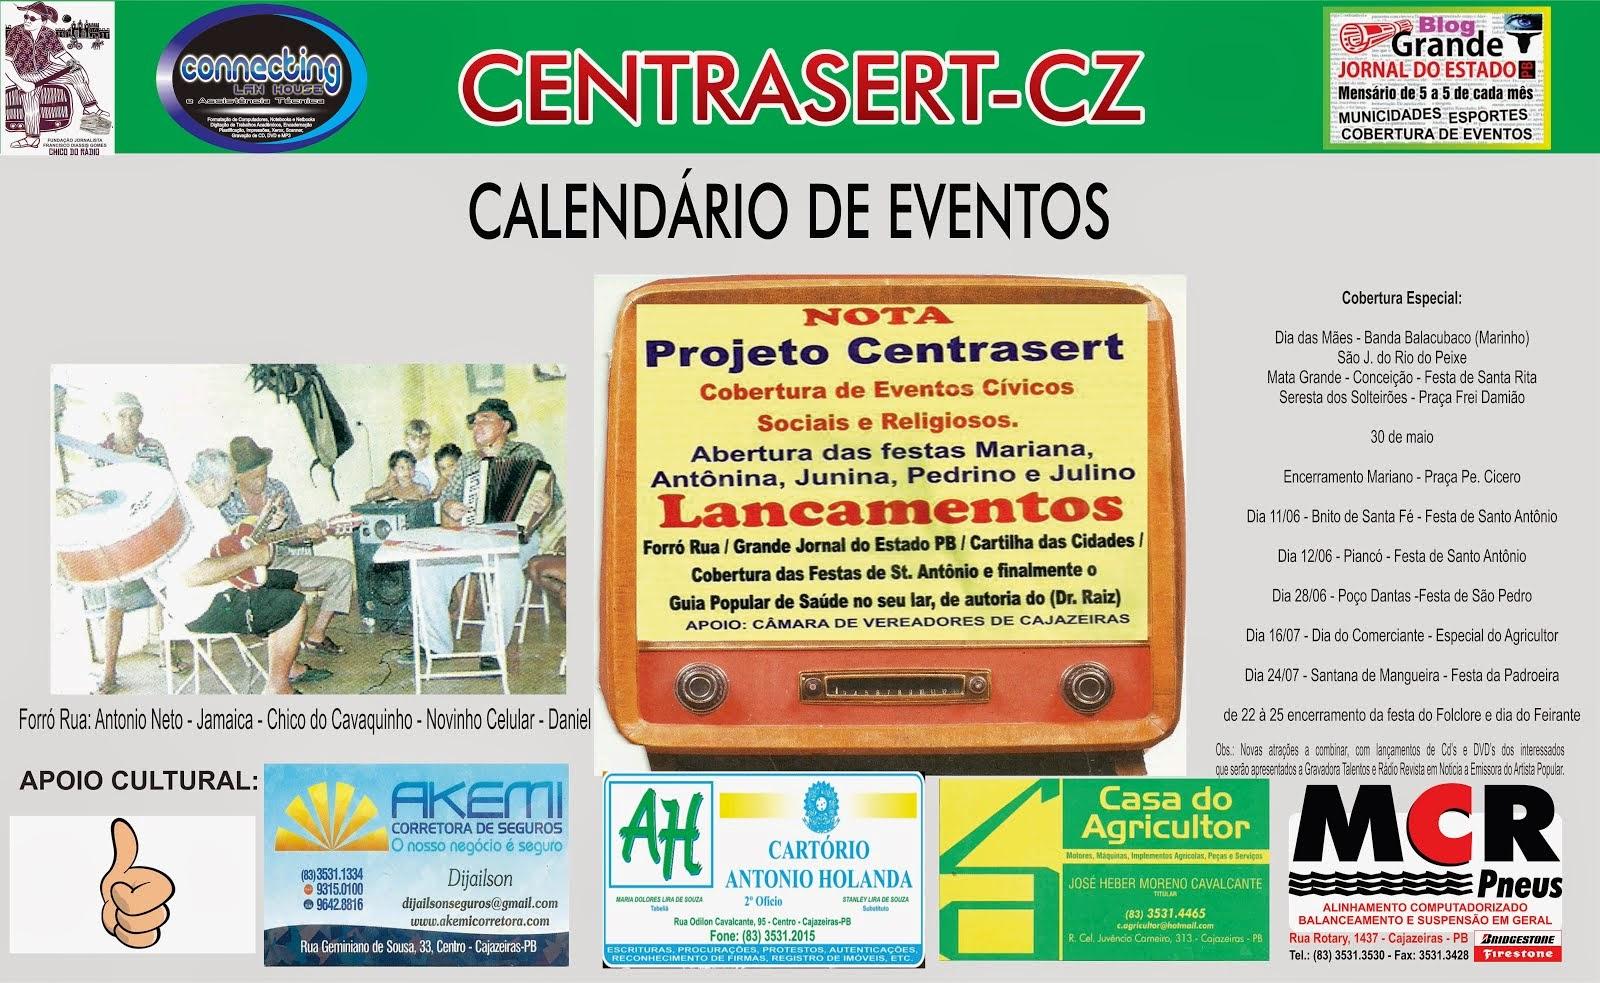 GRANDE JORNAL DO ESTADO  PARCERIA  BLOG  CENTRASERT